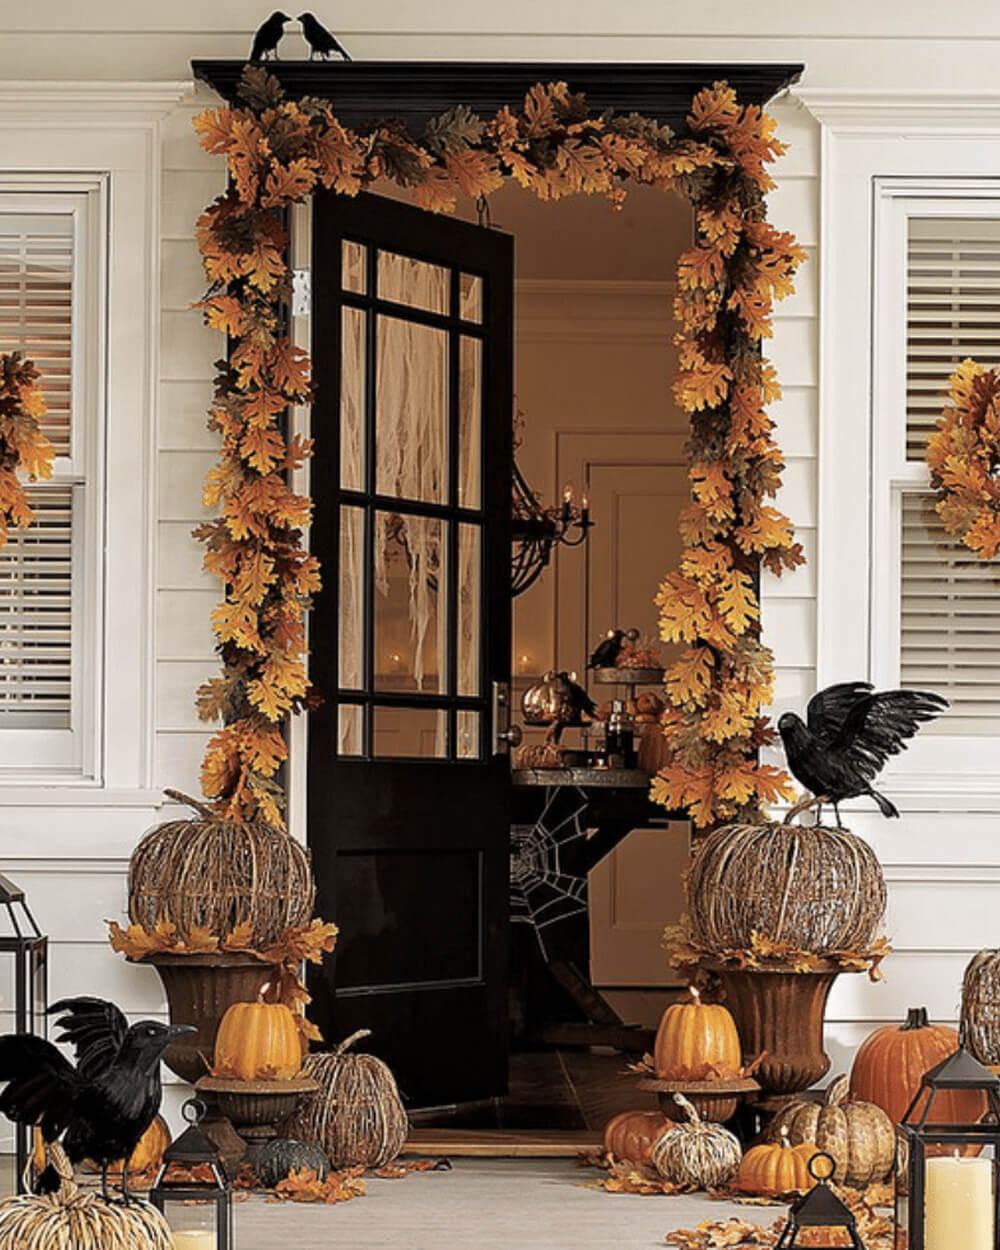 Décoration de porte pour halloween dans un style automnal - 12 idées pour décorer la porte à Halloween